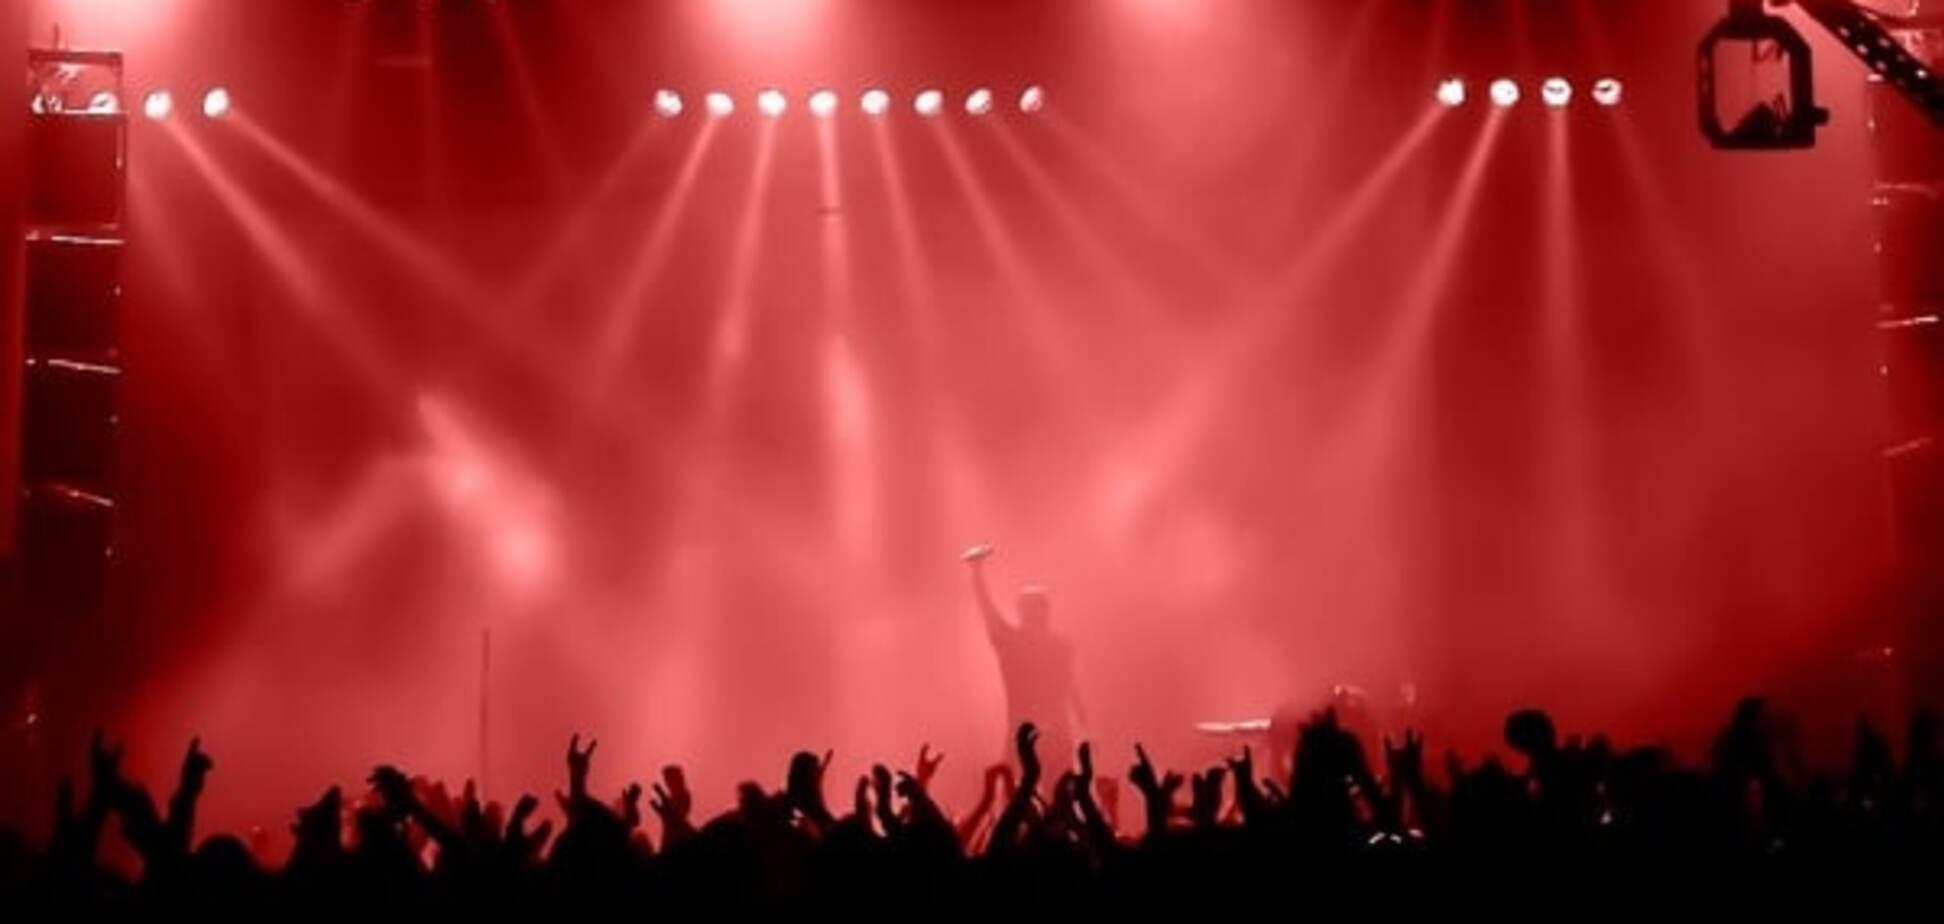 Пускать или не пускать: соцсети спорят о запрете гастролей российских артистов